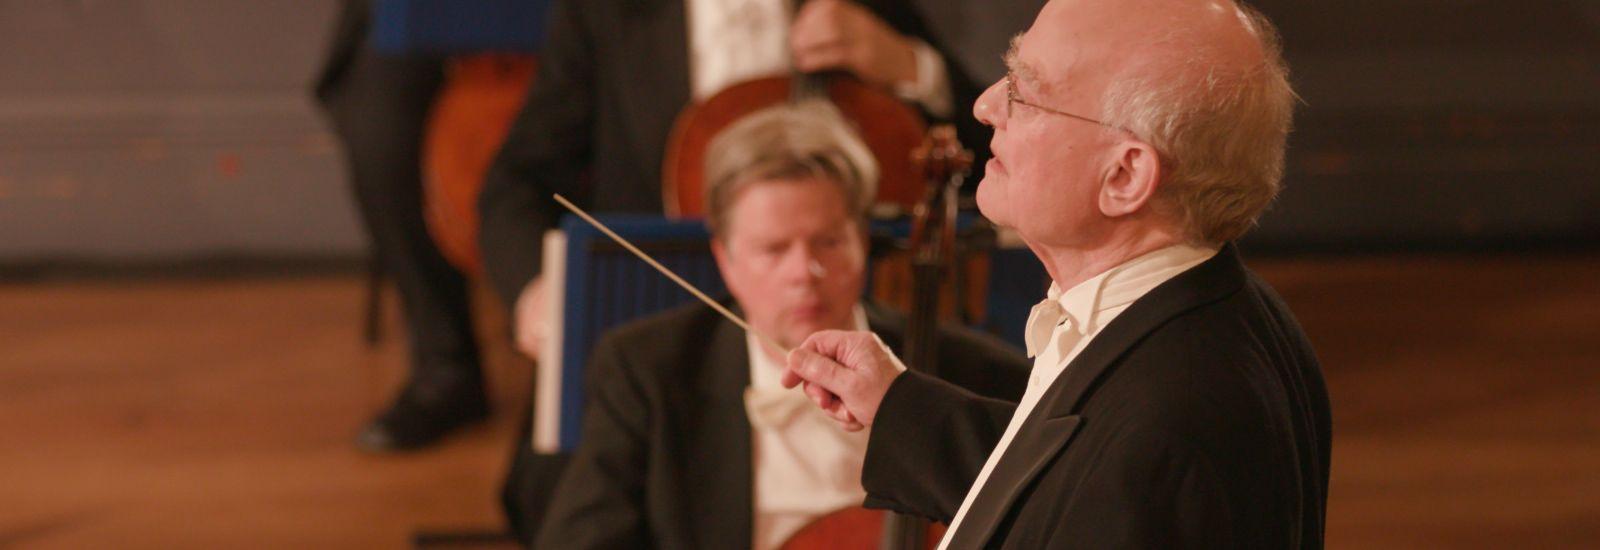 Composer John Rutter's new Joseph's Carol